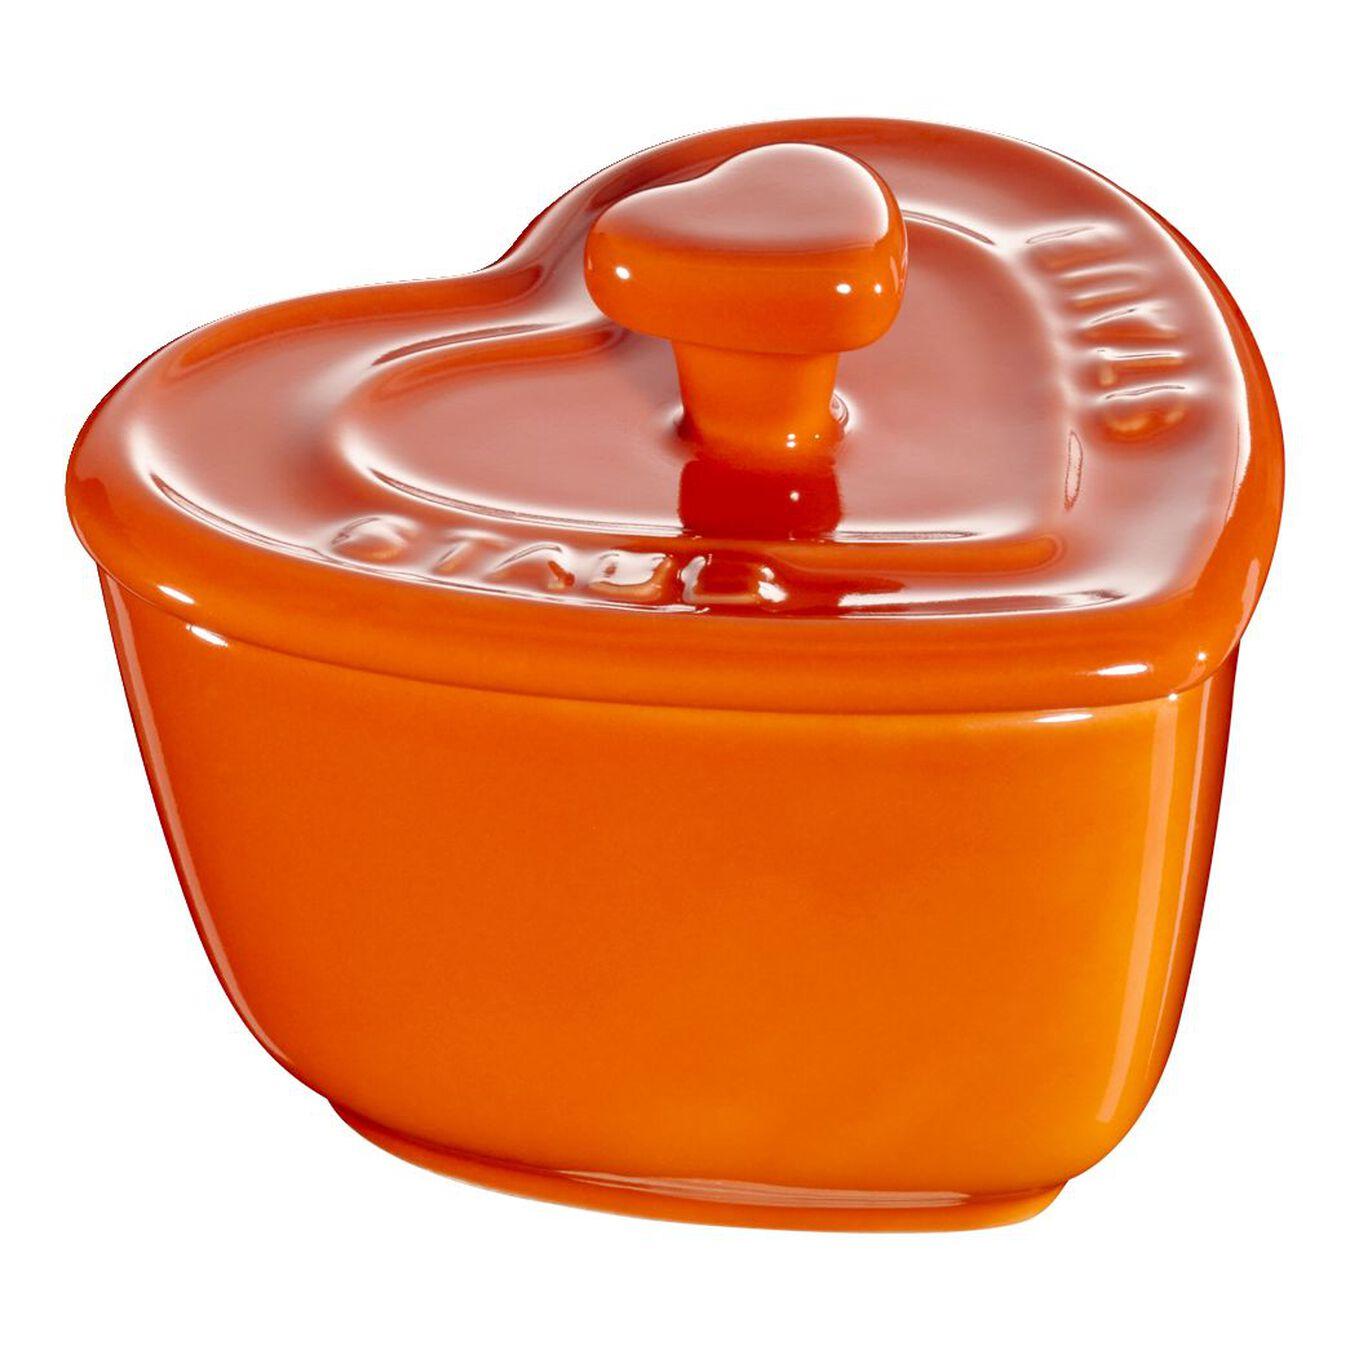 Ensemble de cocottes 2-pcs, Coeur, Orange, Céramique,,large 1